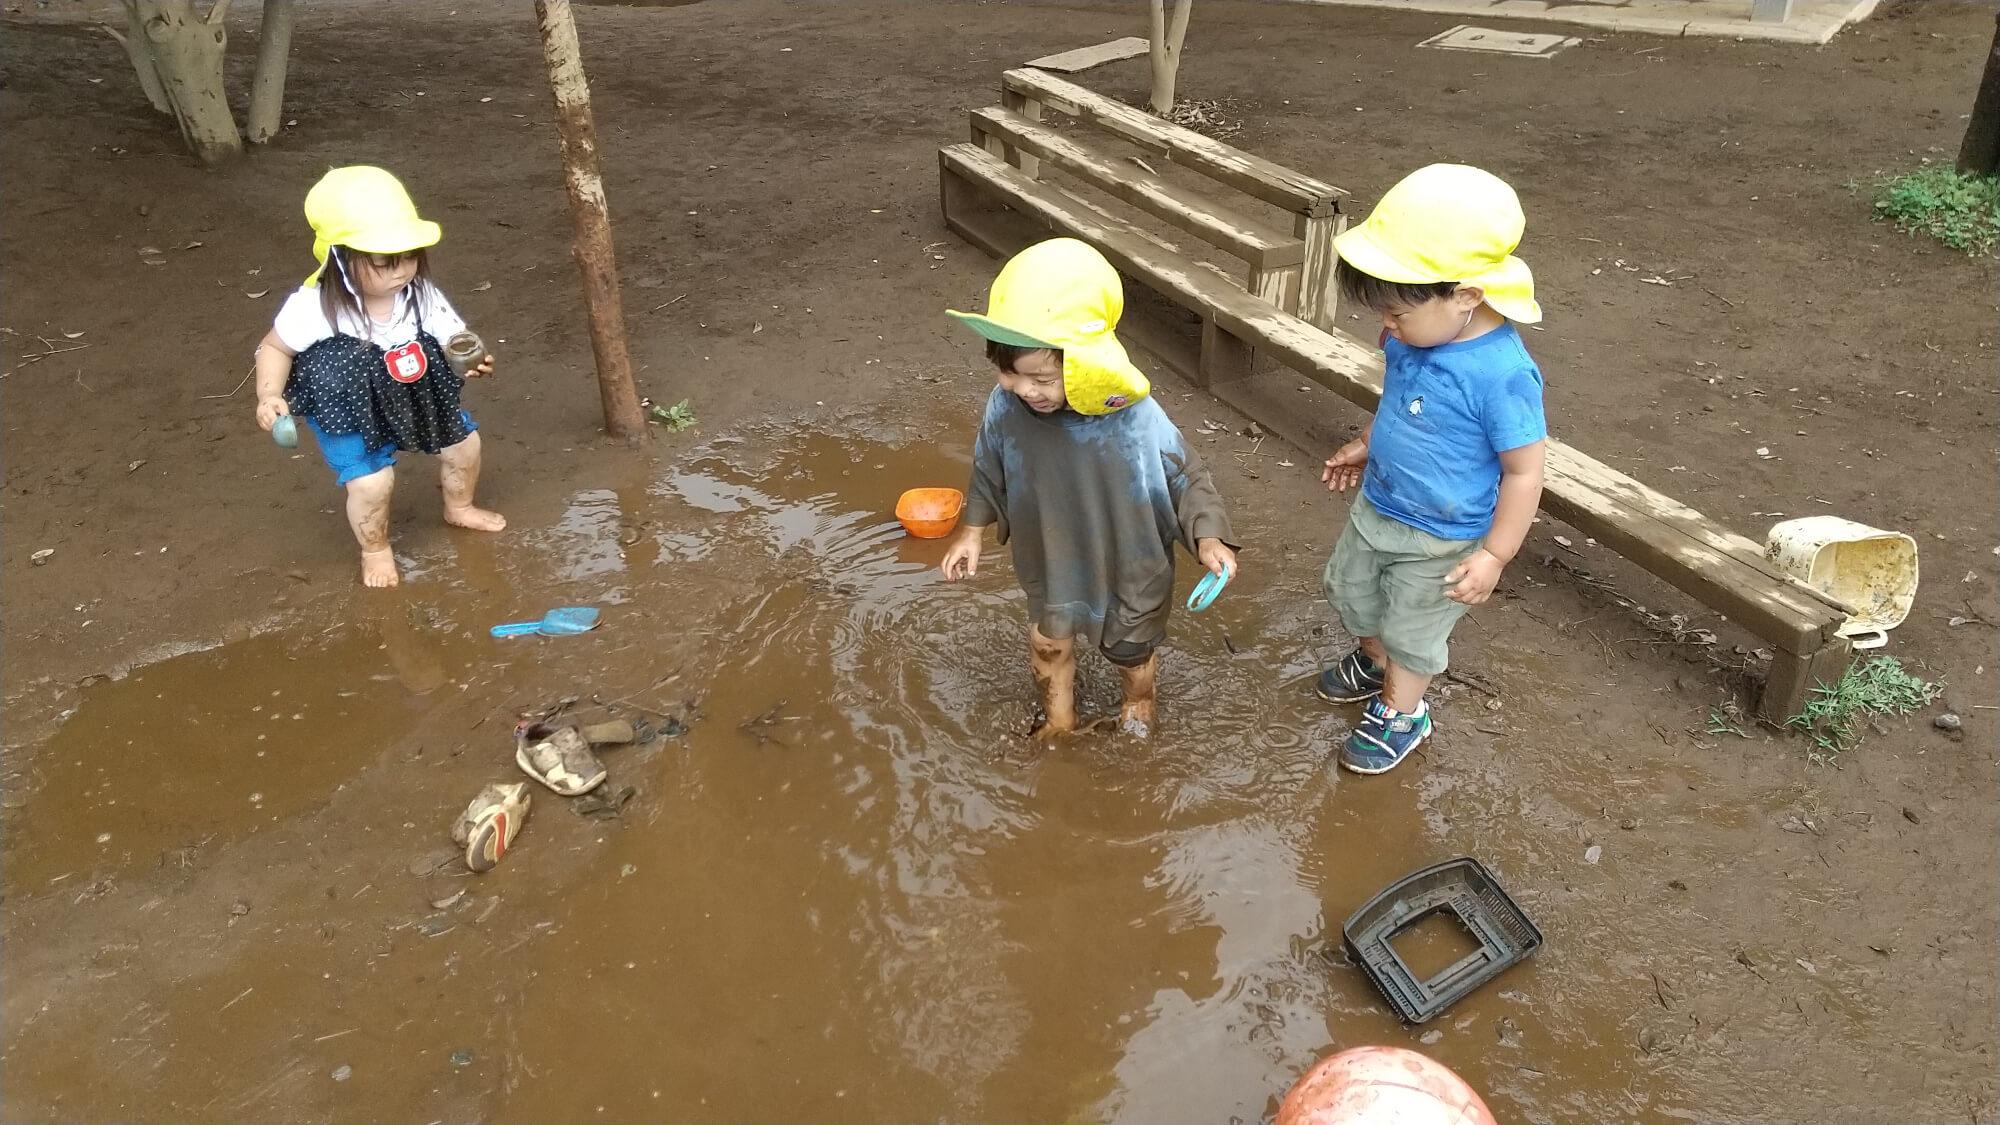 水たまりで泥遊びを楽しむ子どもたち